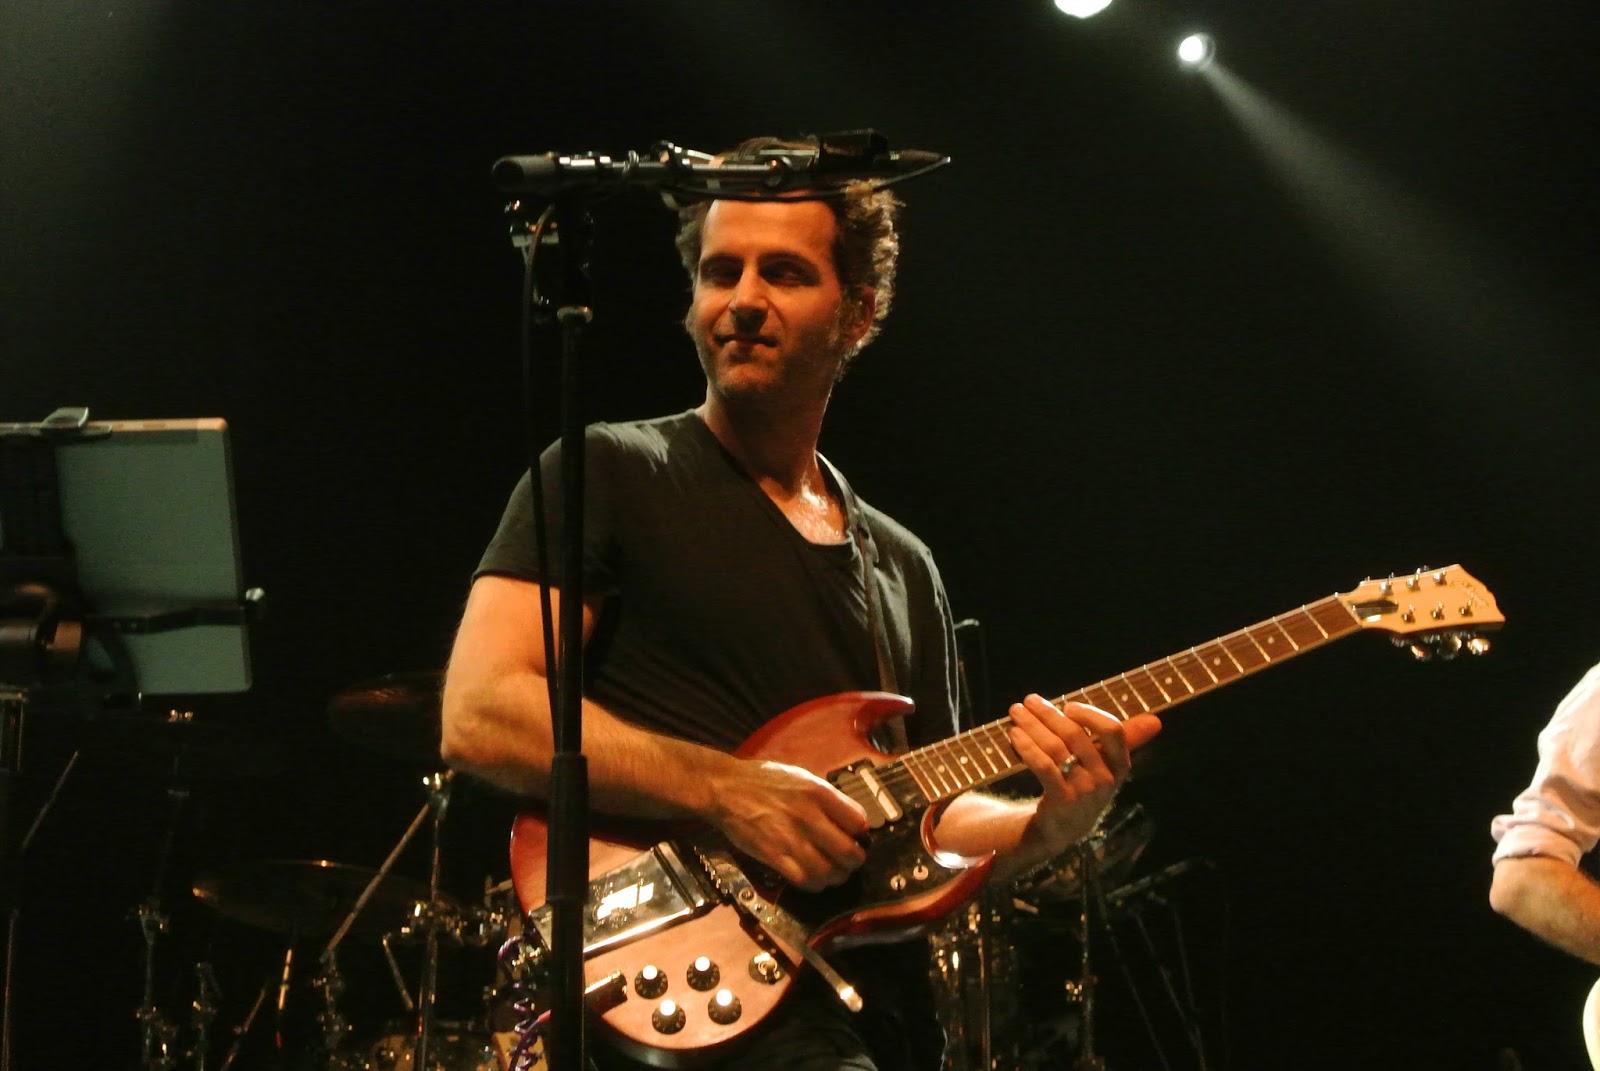 Scotts Music Reviews Zappa plays Zappa Amager Bio  : DSC8637 from writingaboutmusic.blogspot.com size 1600 x 1071 jpeg 168kB